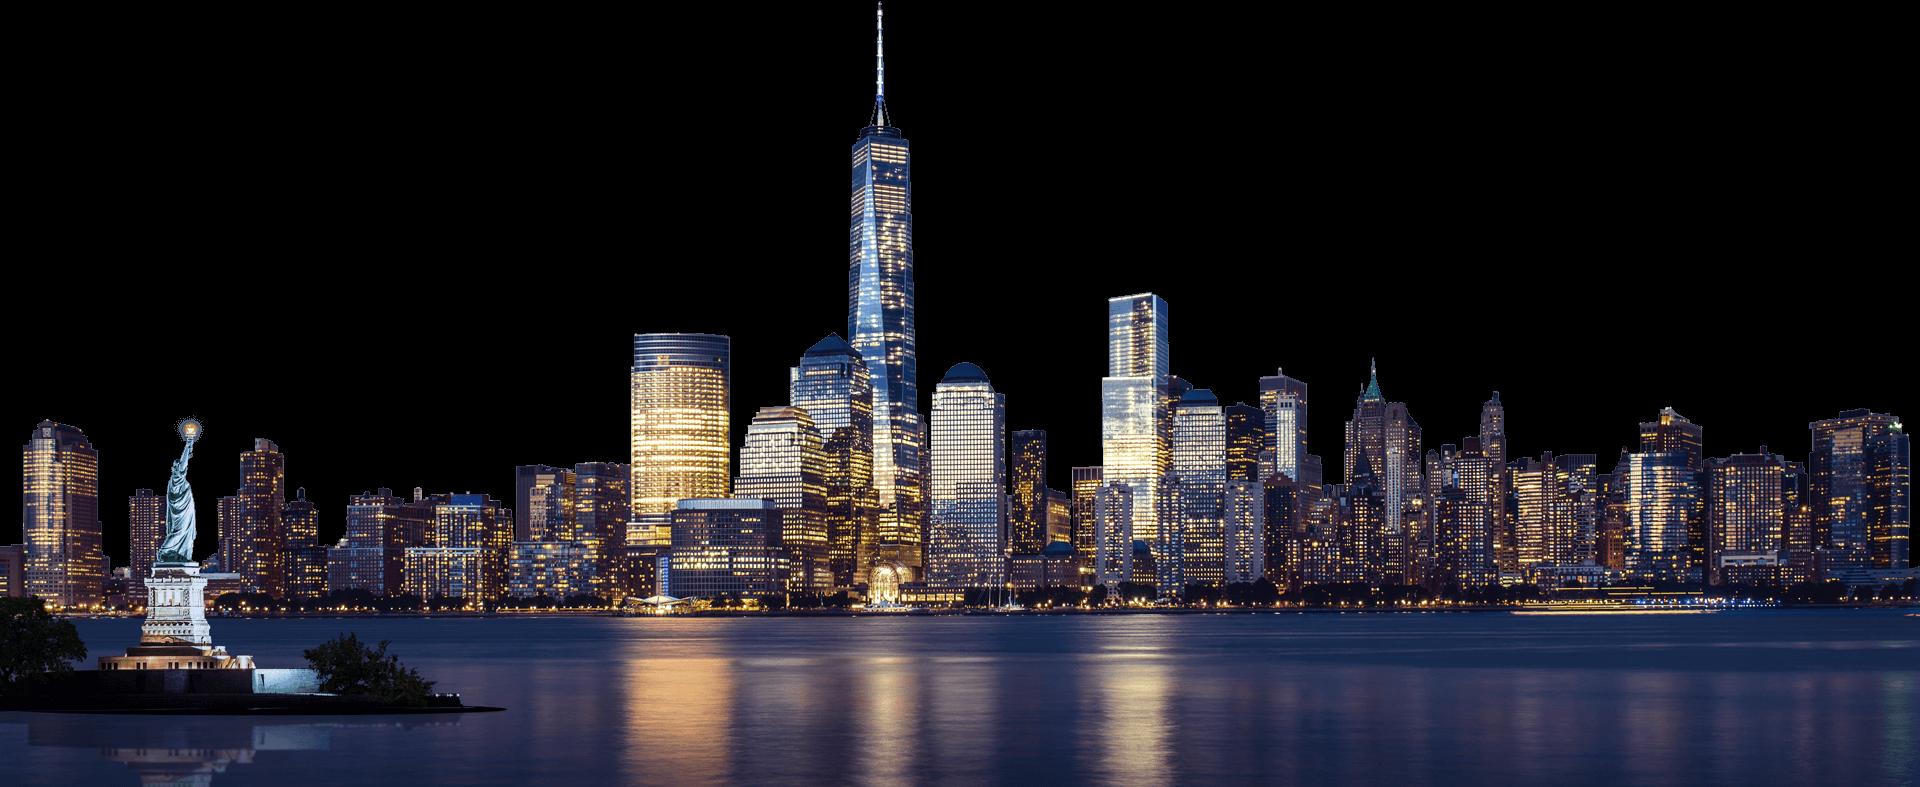 City clipart transparent background, Picture #362164 city.